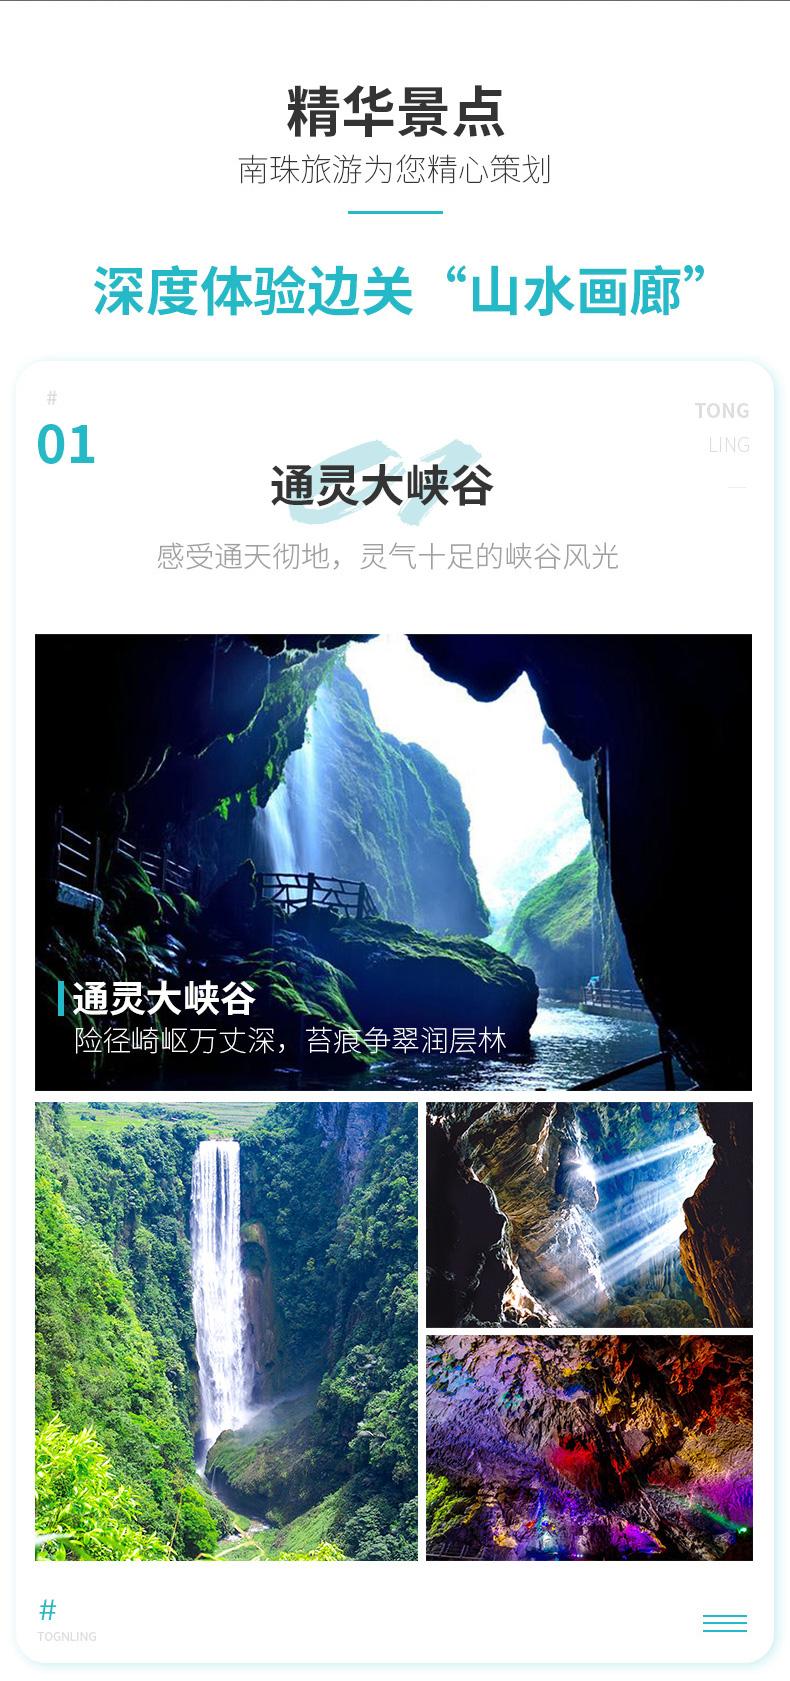 南宁-德天-通灵-4日游-详情页_02.jpg